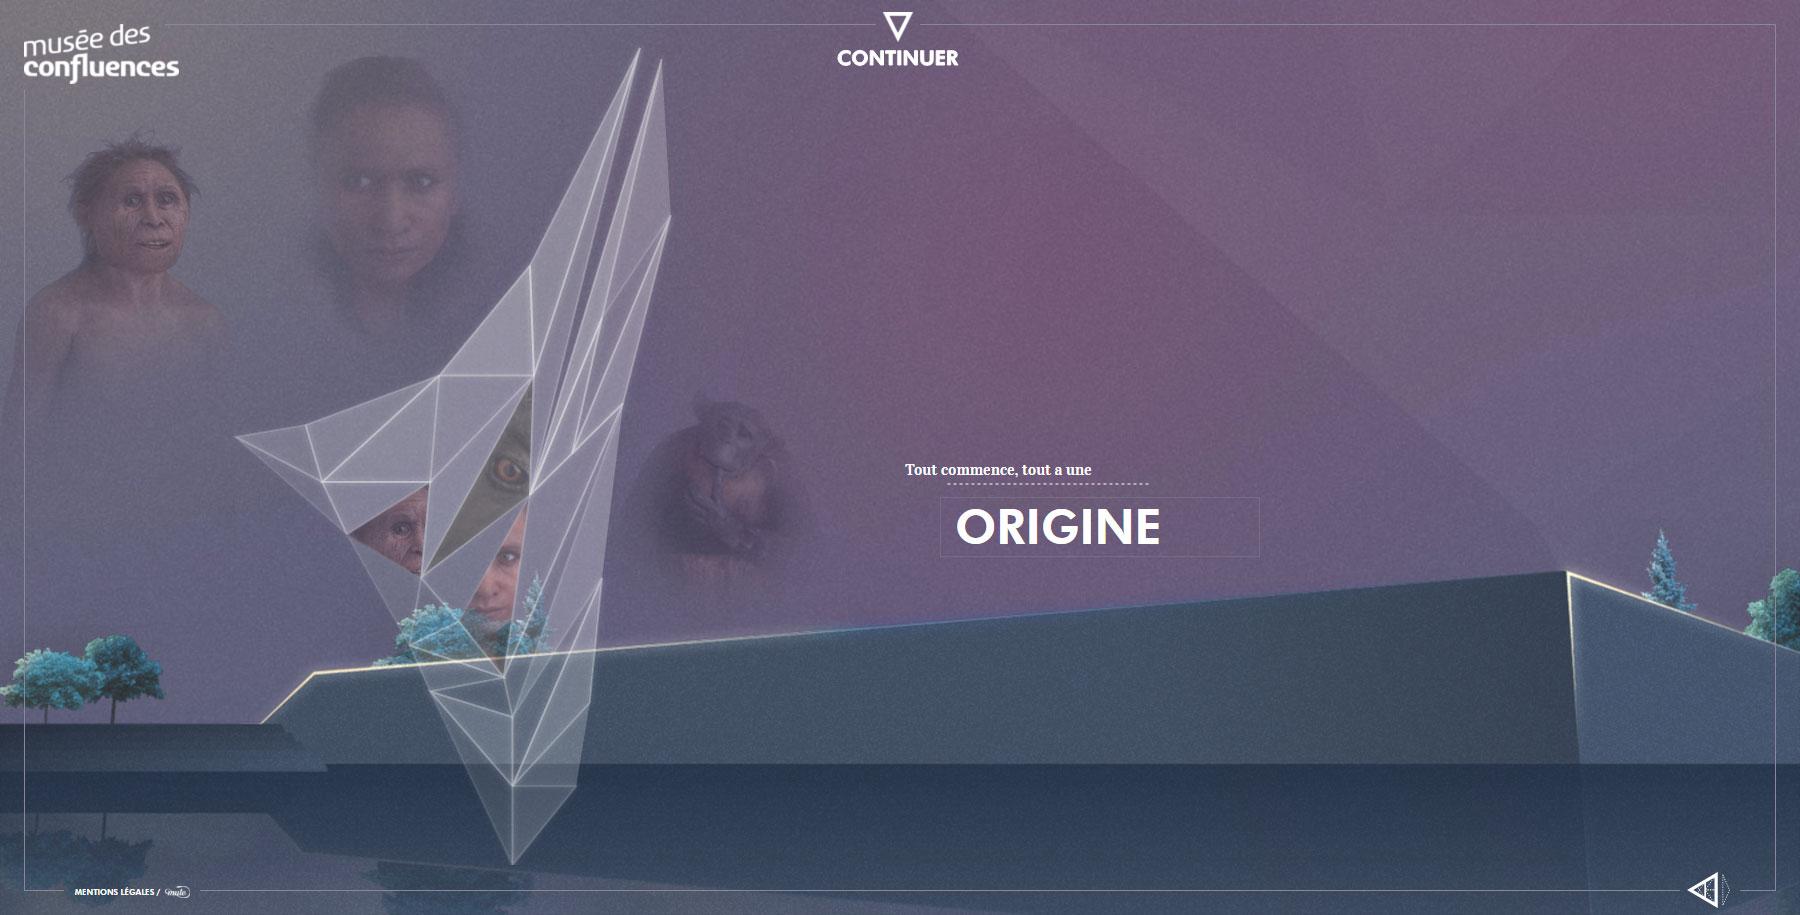 Musée des Confluences - Adventure's - Website of the Day